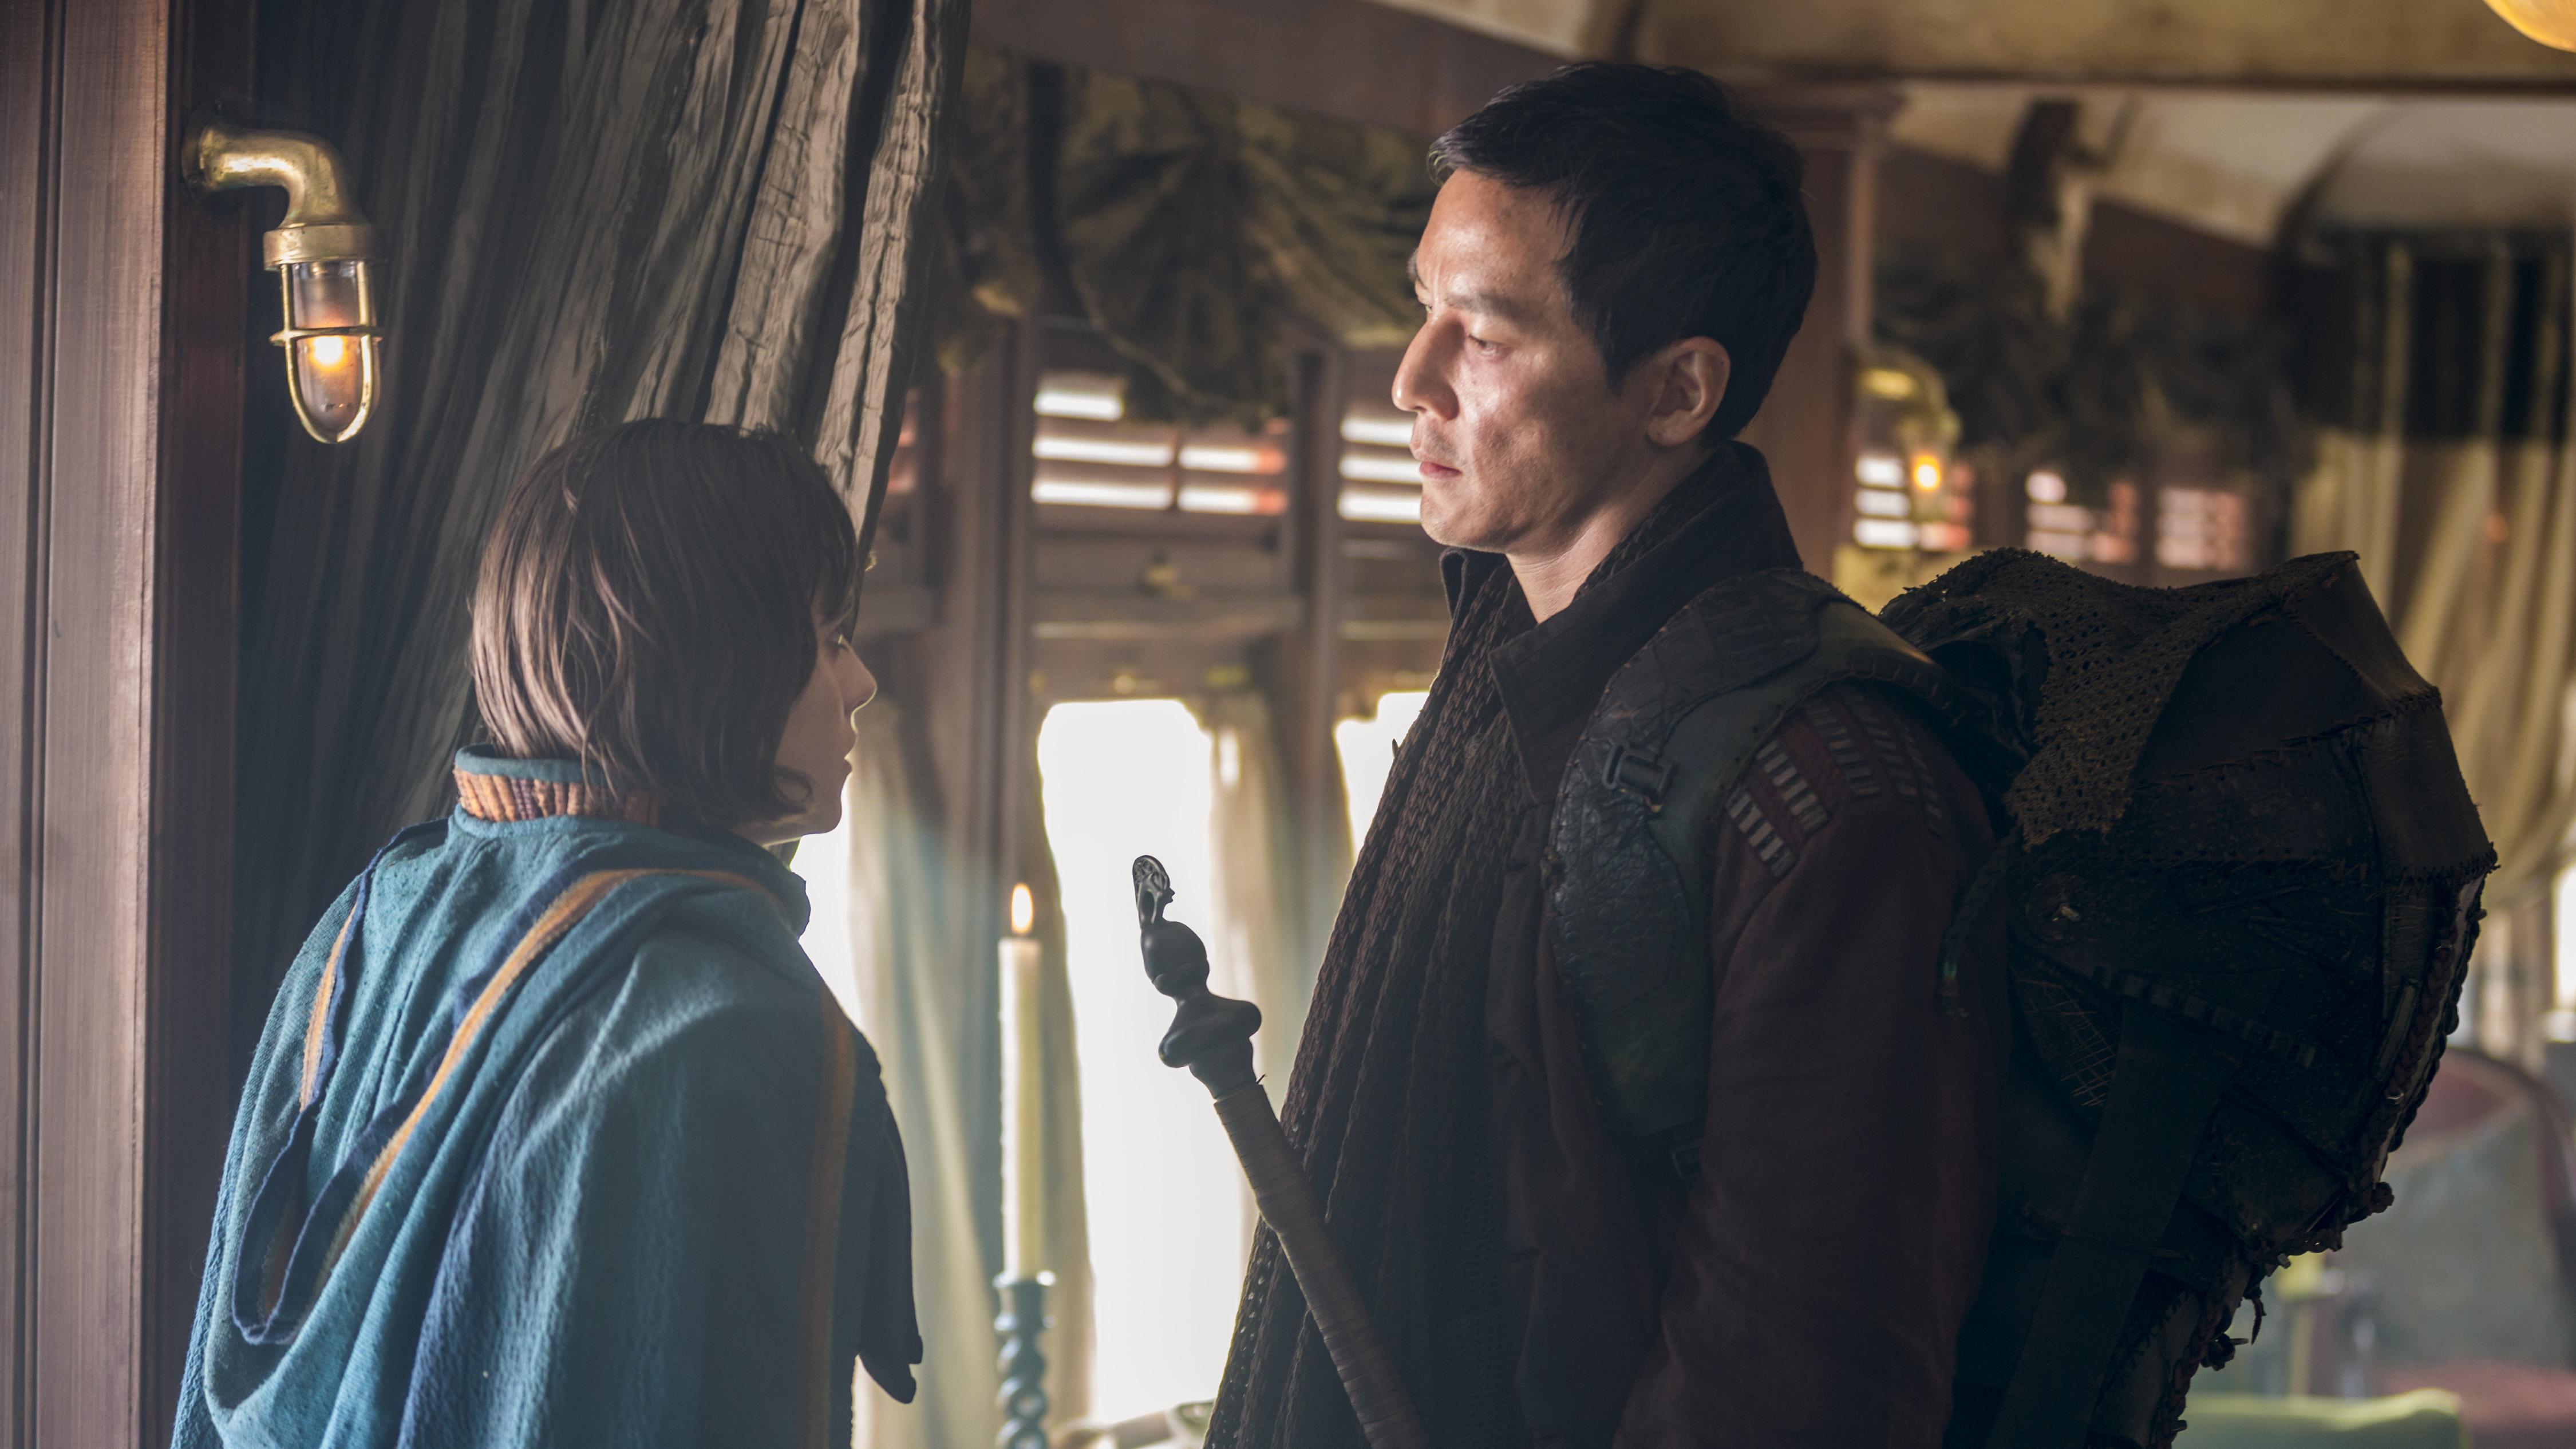 Ally Ioannides as Tilda, Daniel Wu as Sunny